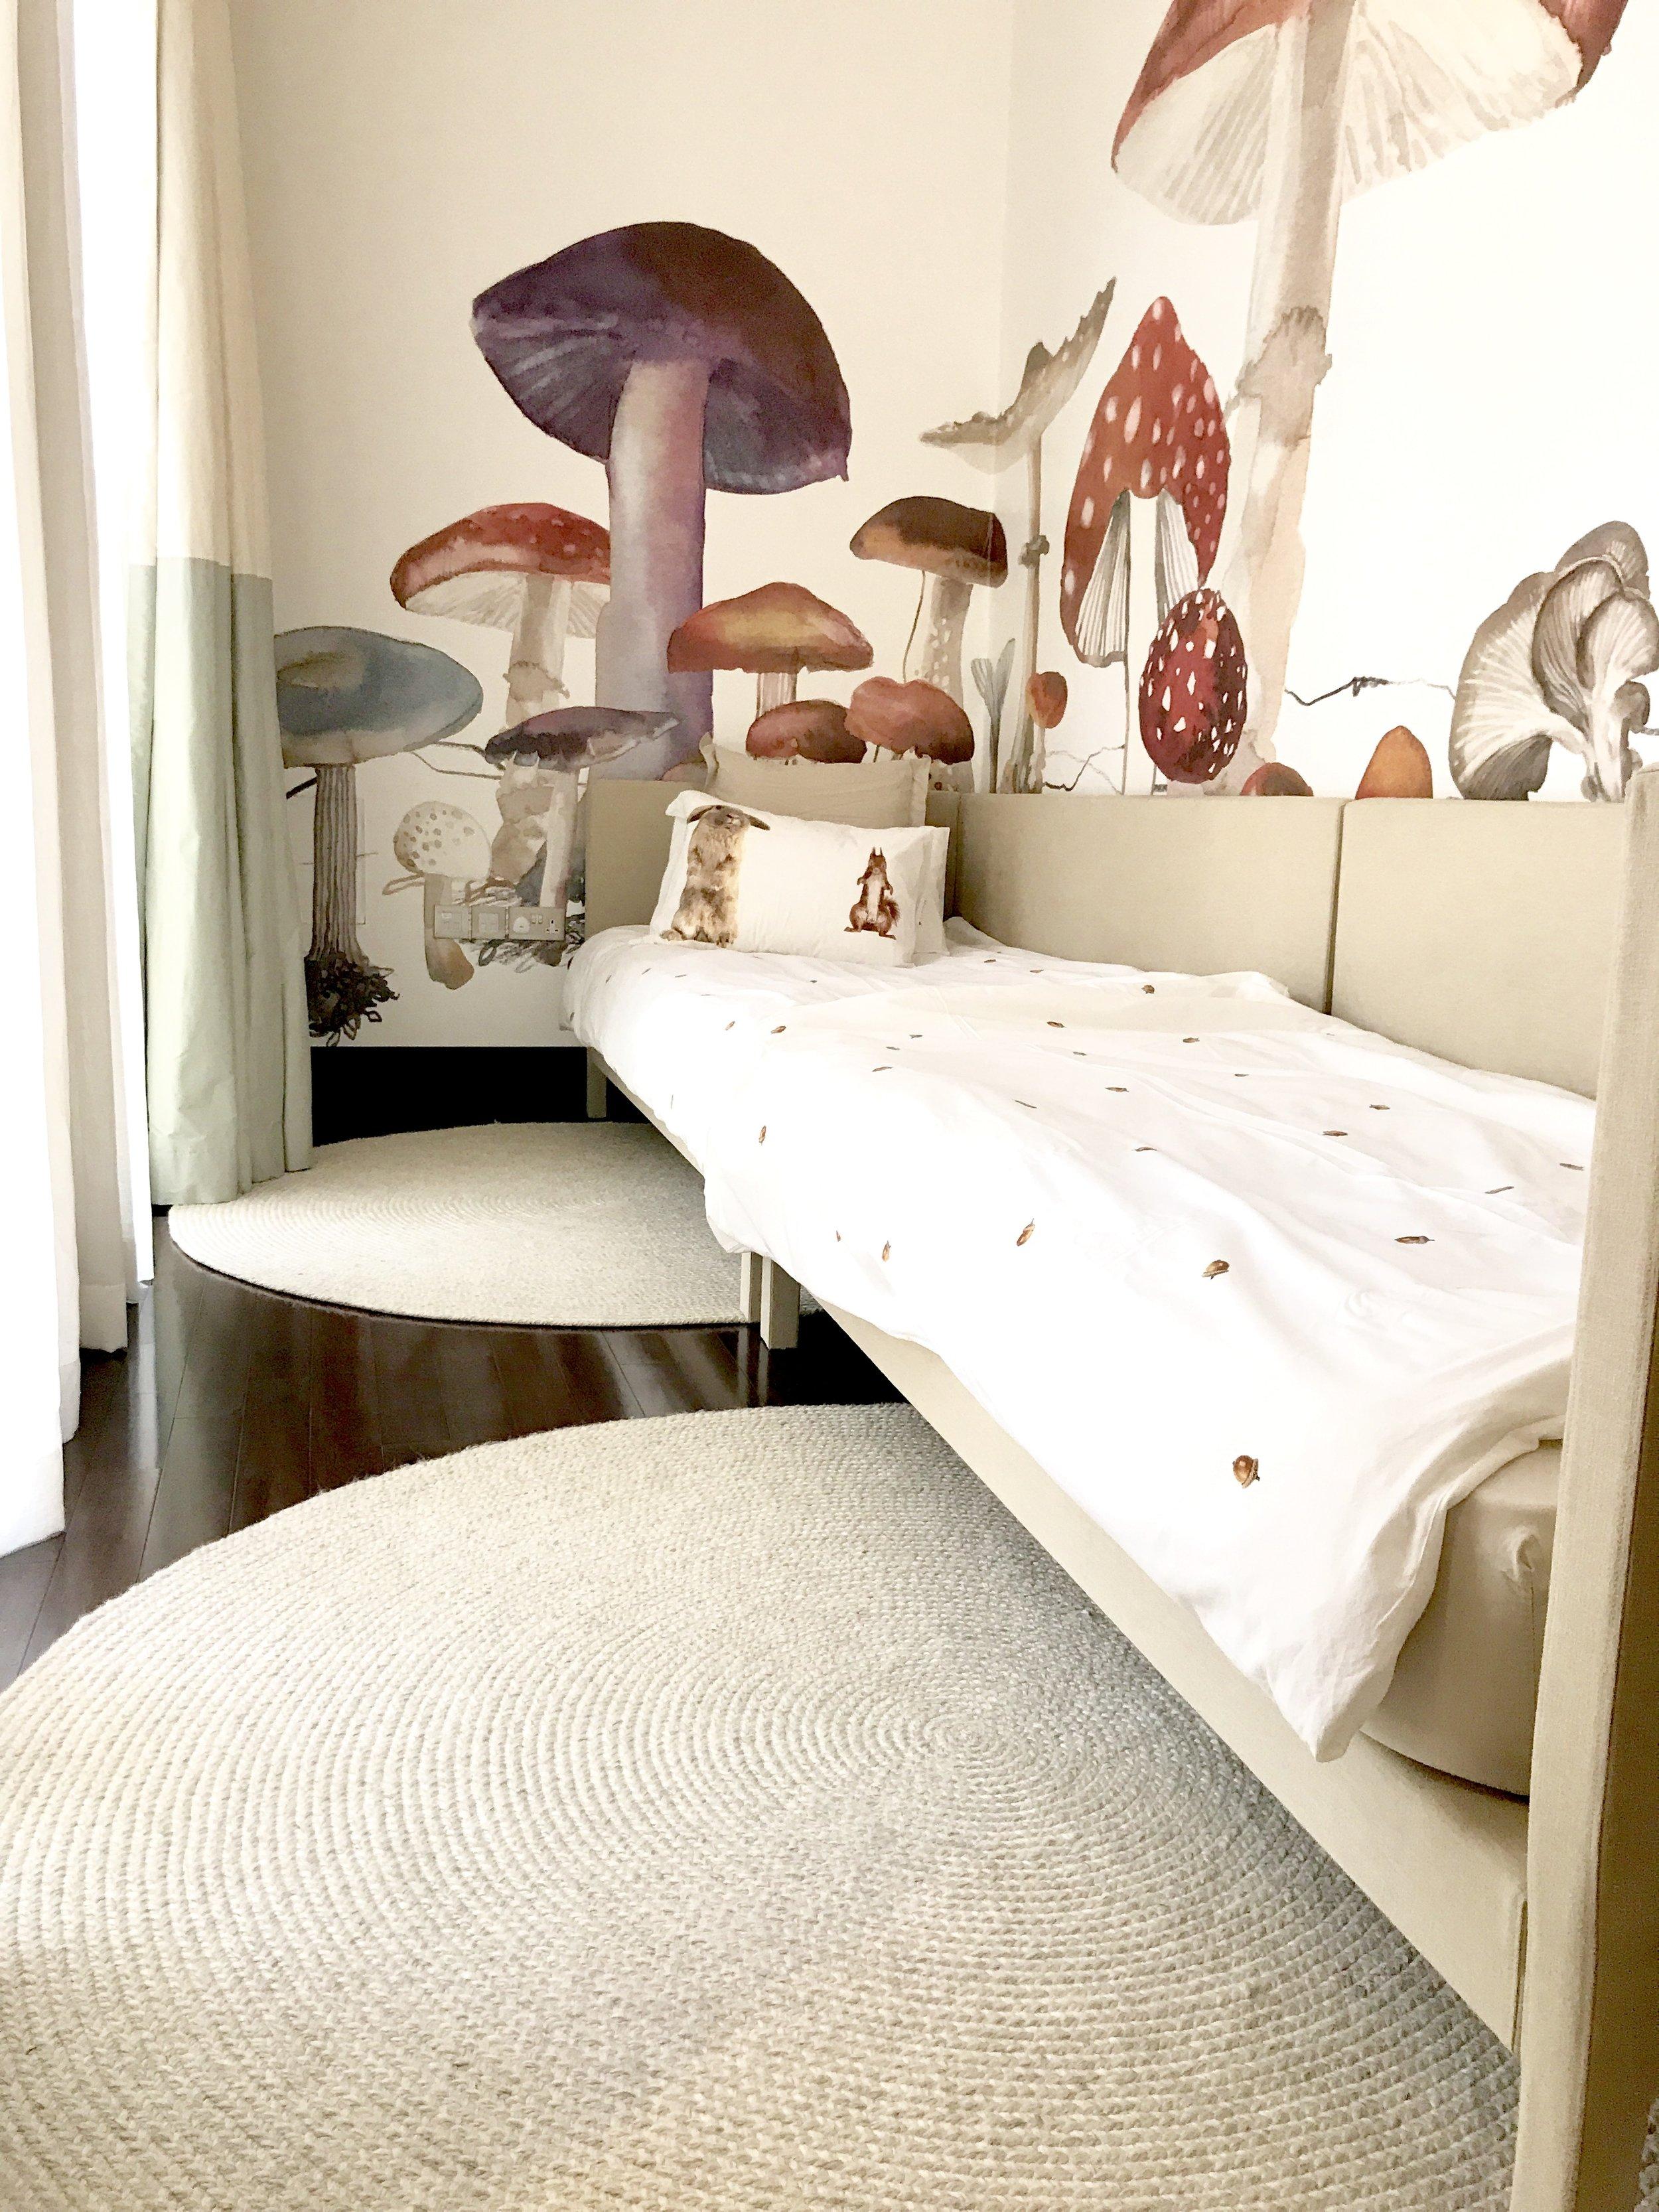 Villa 9 Lulu Hamad Mushroom Room 6.jpg